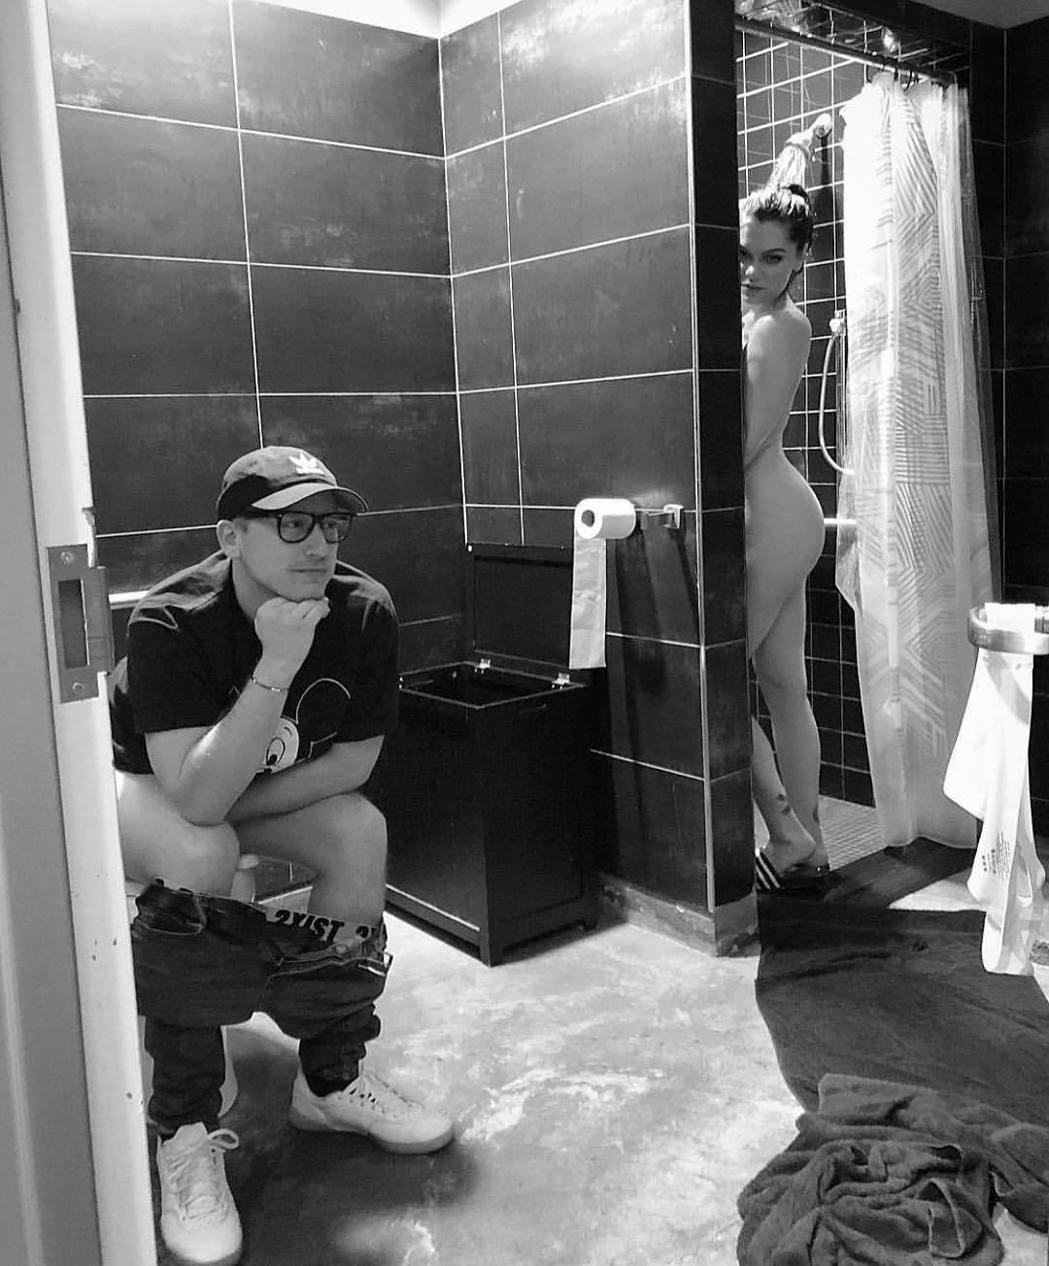 潔西J的男性閨密發布這張大膽照片,祝賀她31歲生日。圖/摘自Instagram